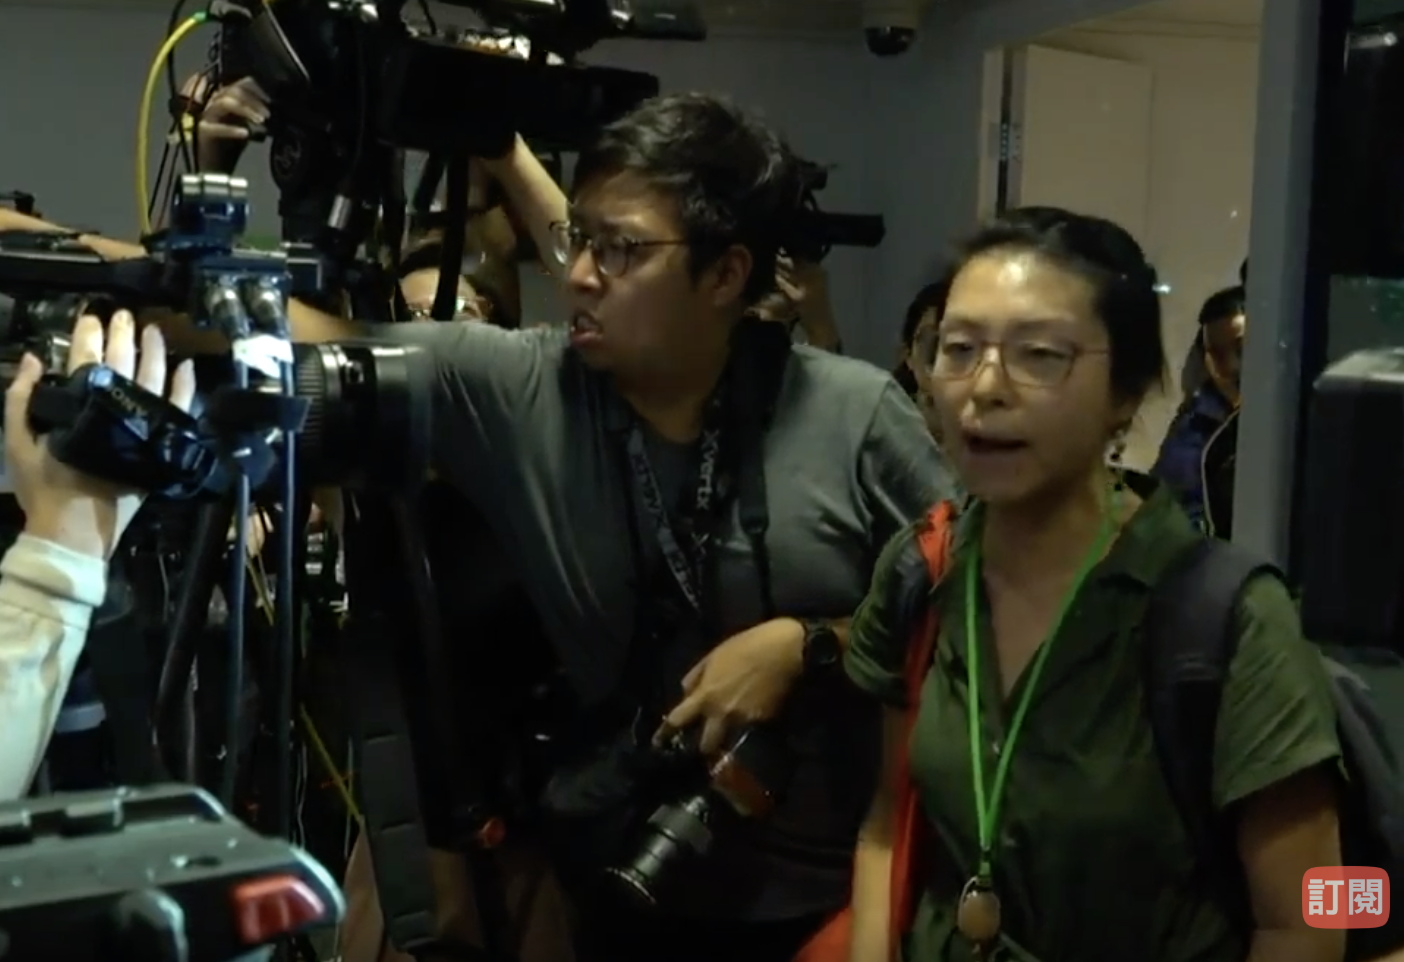 28日警方記者進行途中,有女記者發問,批評警方暴力阻礙記者採訪,記者成警暴受害者一事,警方表示未到提問時間,不回應。爭執之下,警方一度終止了記者會。(視頻藉圖)